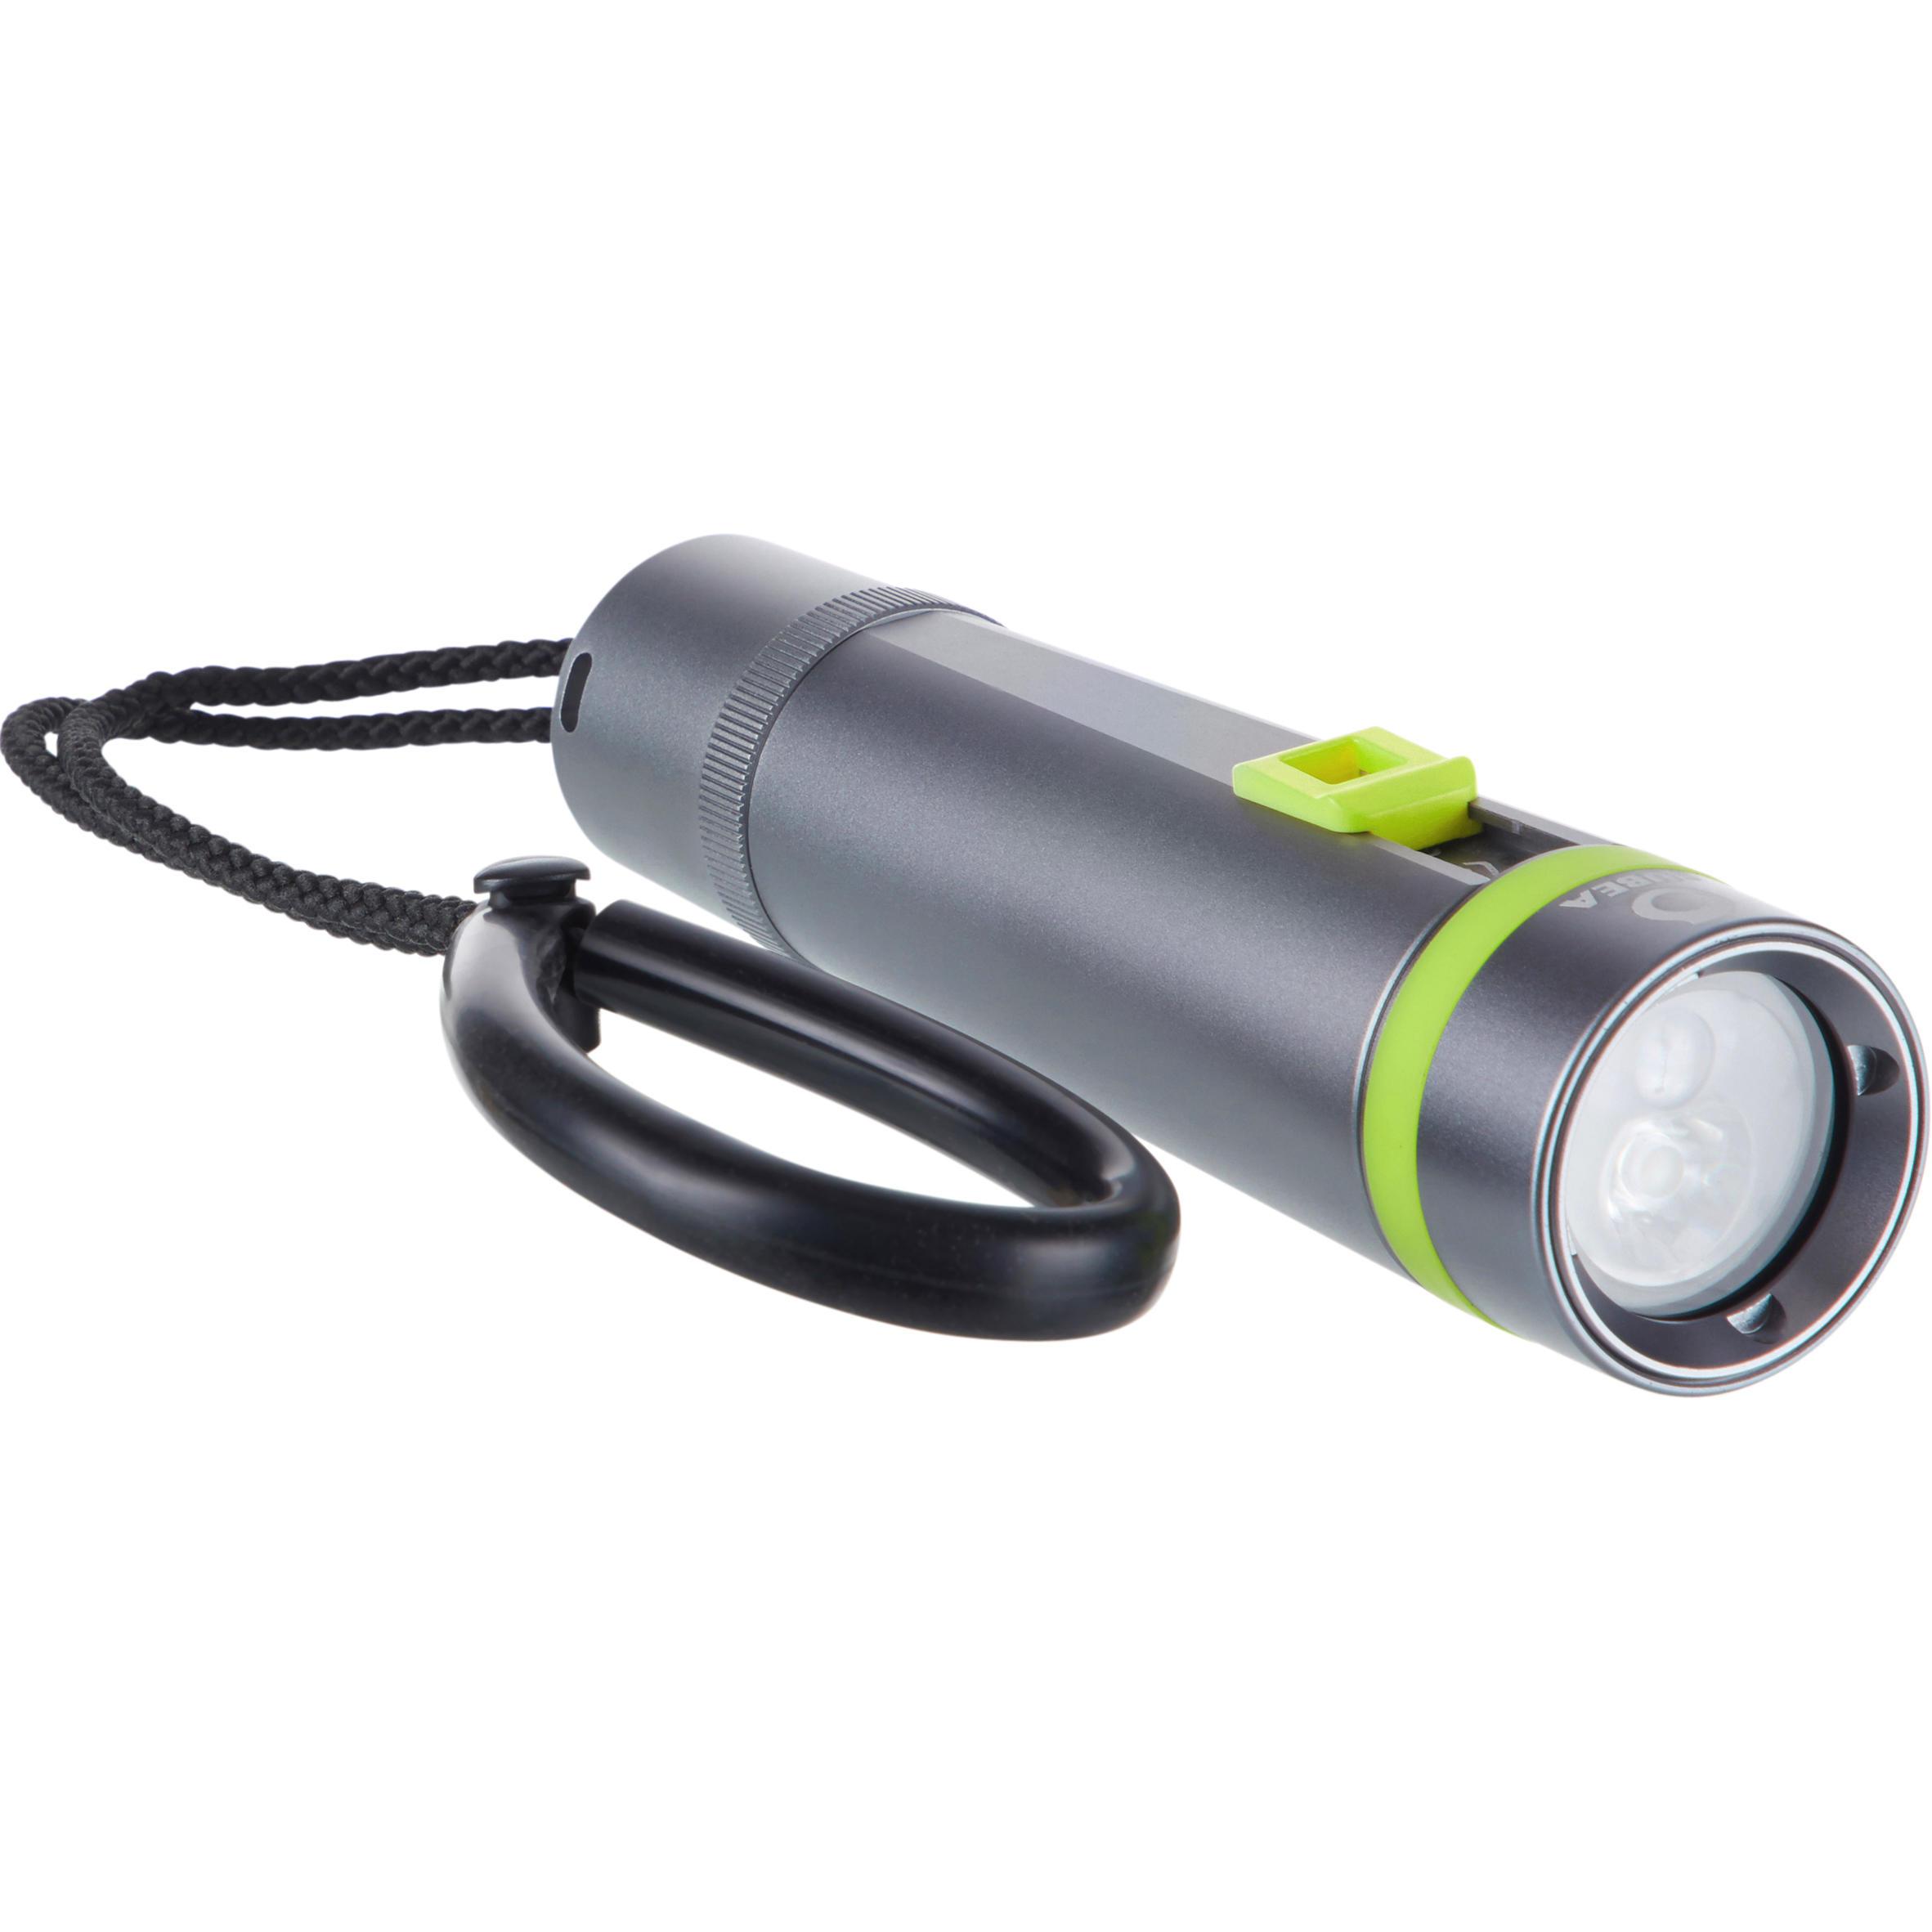 Subea Duiklamp SCD 400 lumen, 2700 lux, 2 standen kopen? Leest dit eerst: Duikhorloges en duiklampen Duiklamp met korting